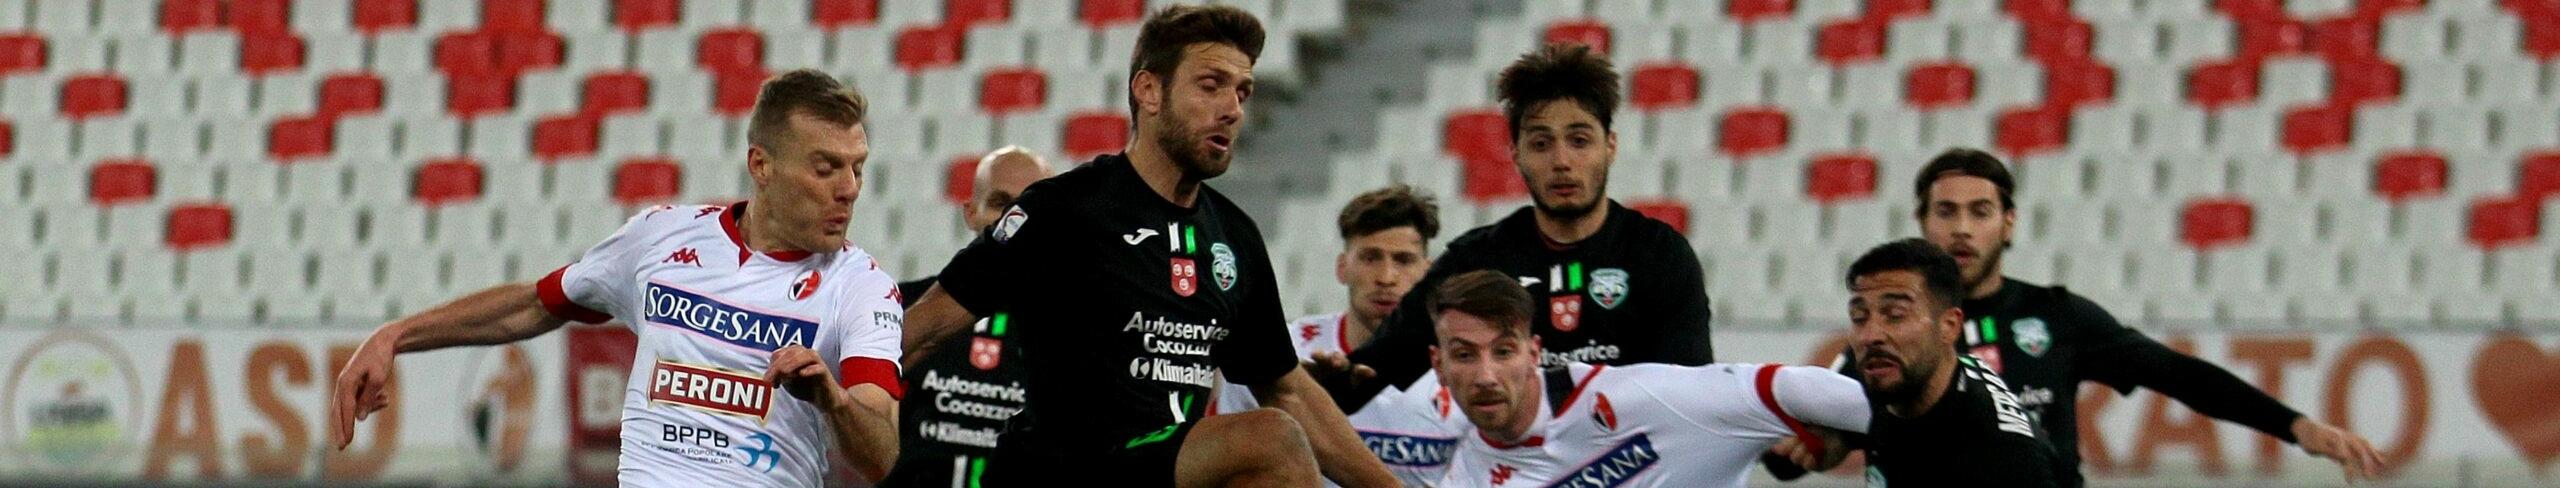 Pronostici Serie C, i consigli per la 33ª giornata: un tour tra piazze storiche